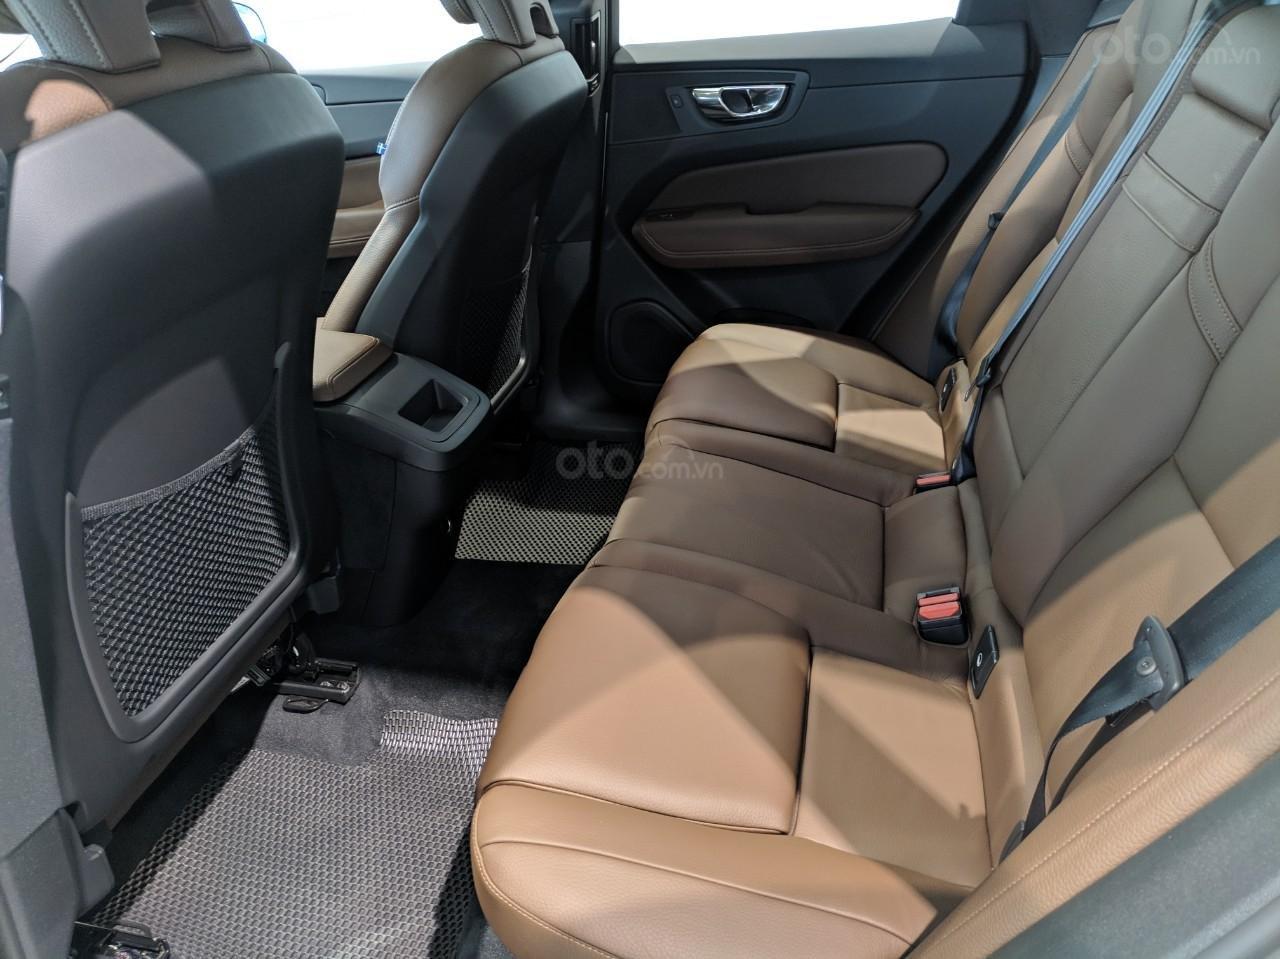 Bán xe Volvo XC60 nhập khẩu chính hãng, full option  (6)